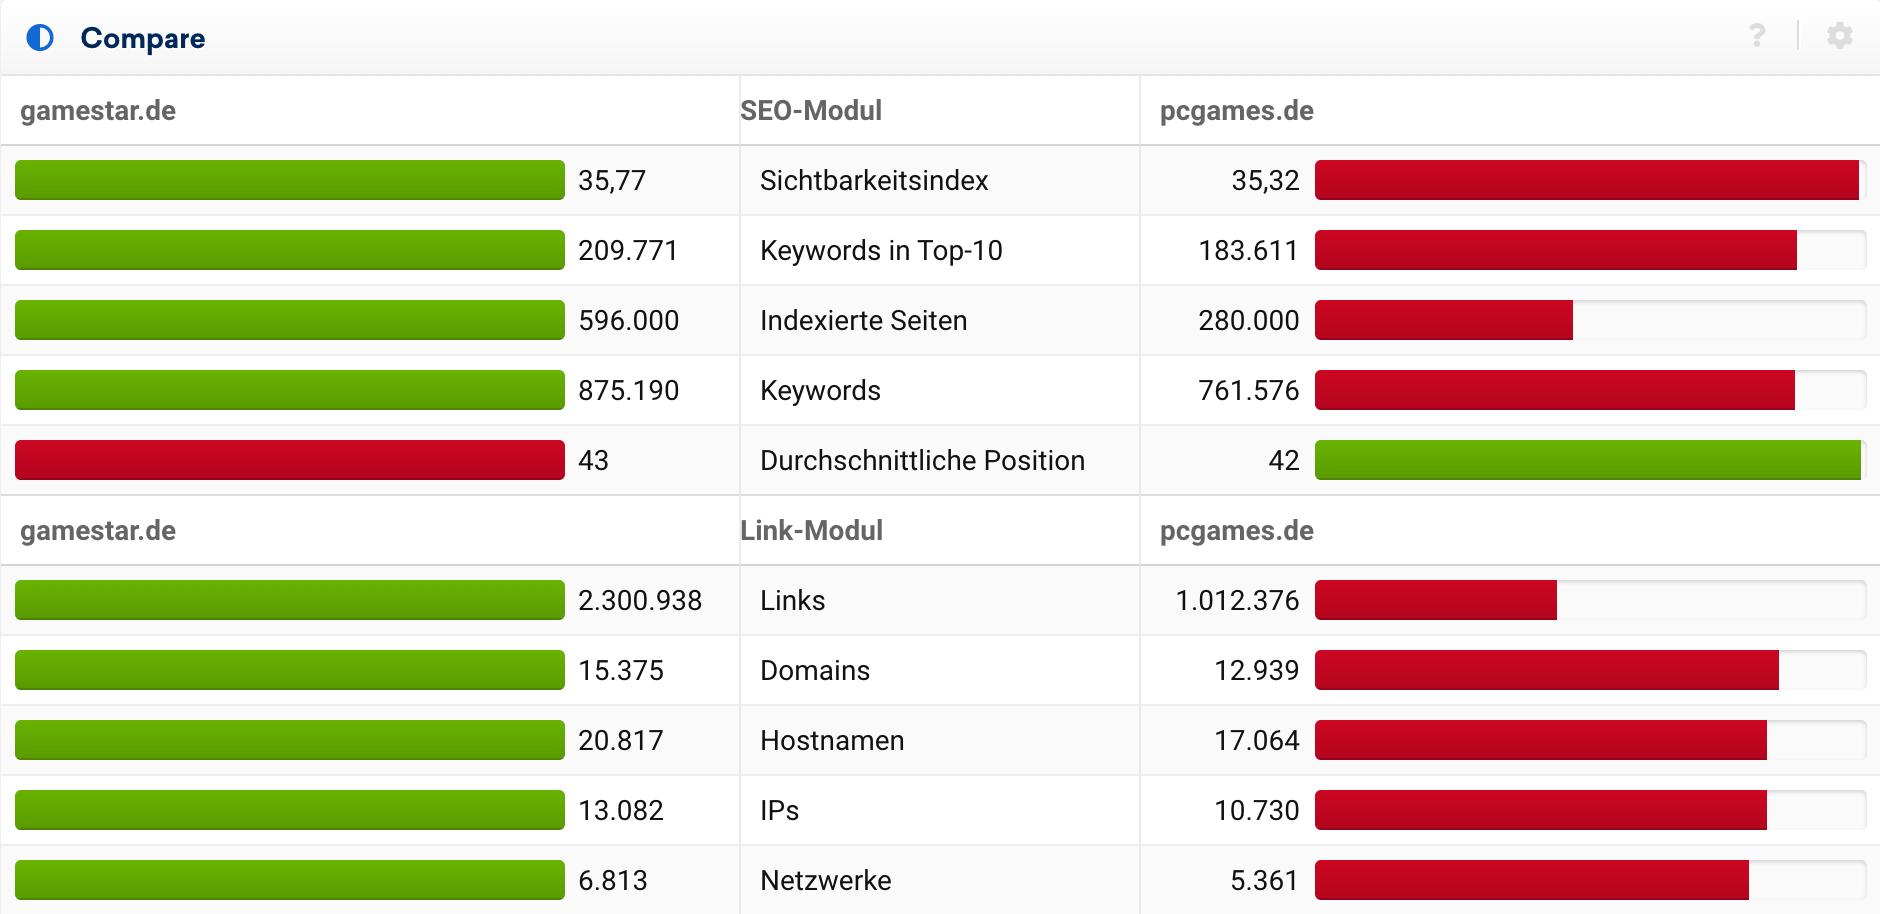 Beispiel aggregierter Daten zweier Domains inklusive Gegenüberstellung. Hier mittels der SISTRIX Toolbox